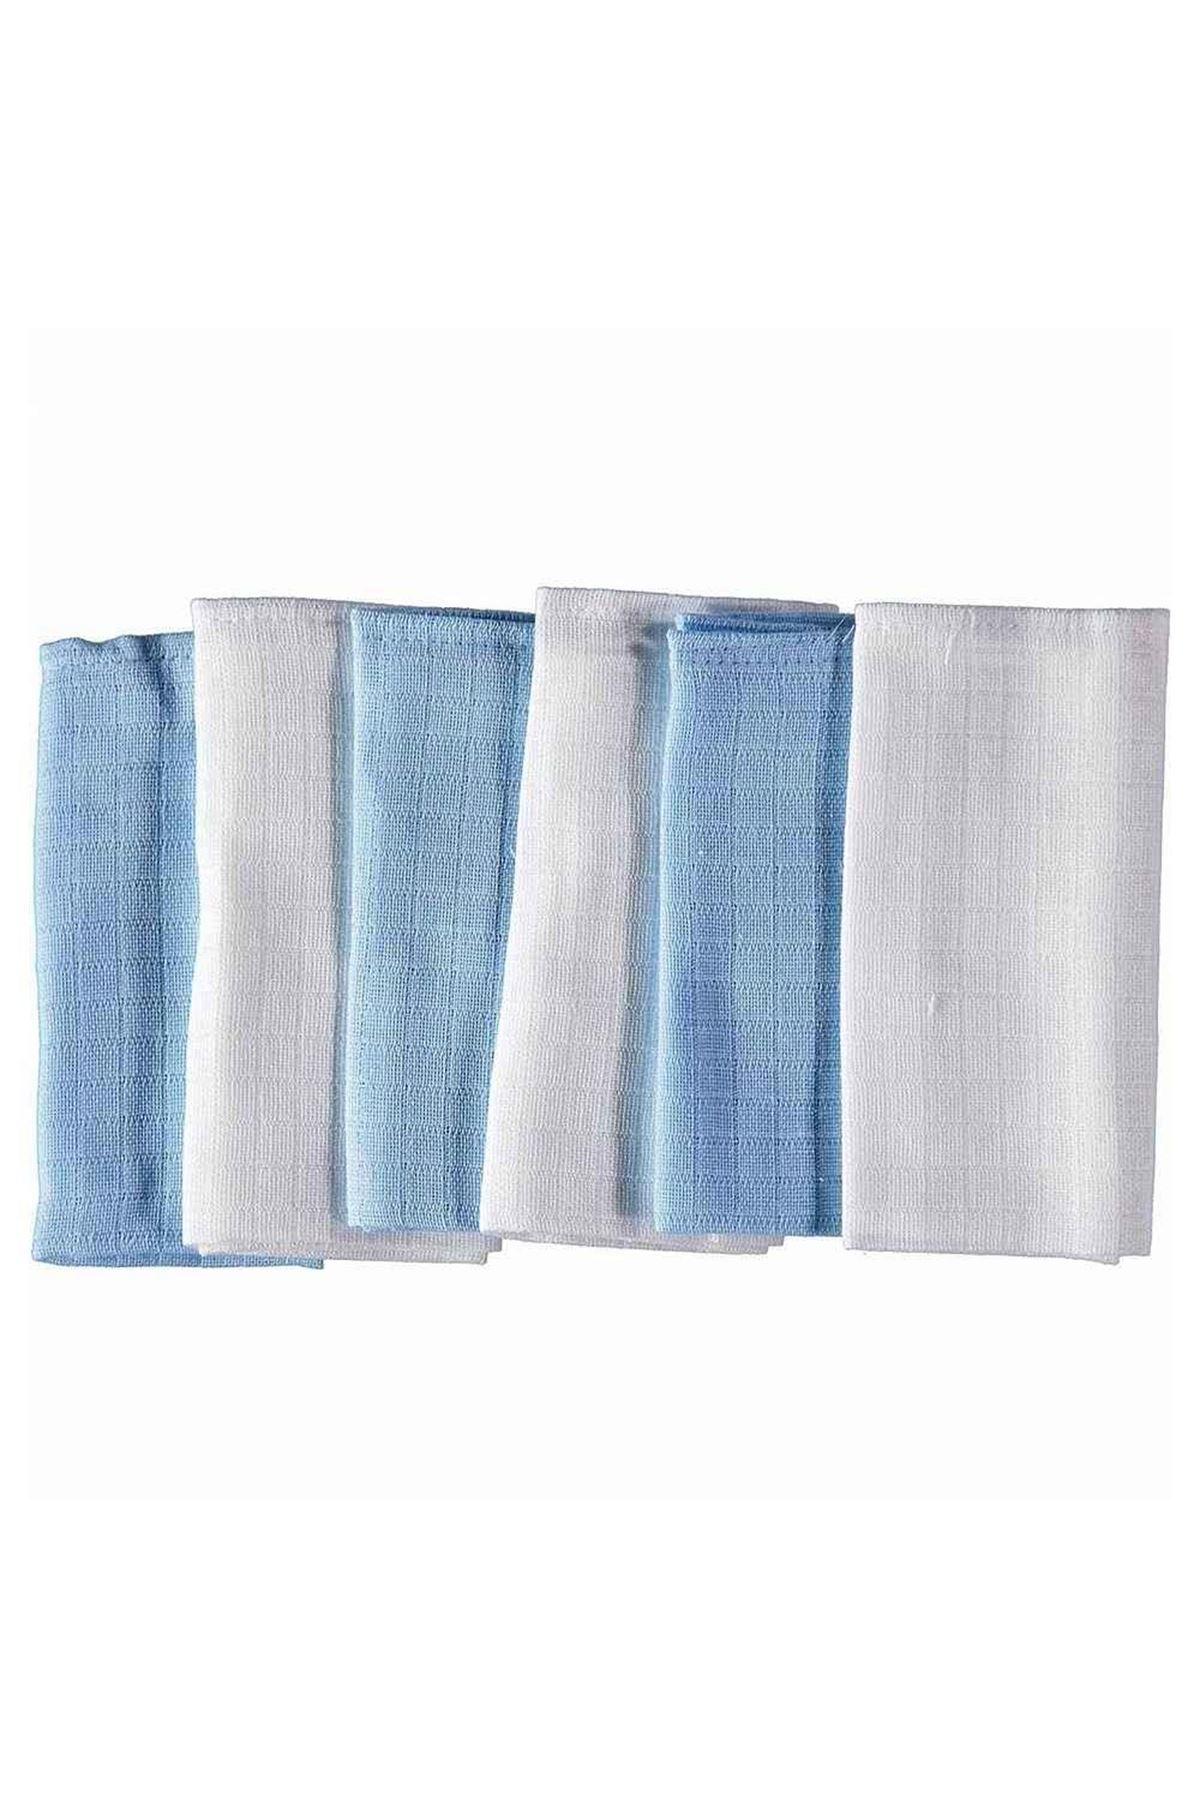 Mycey Müslin Kumaş Ağız Bezi 6lı Set Mavi-Beyaz